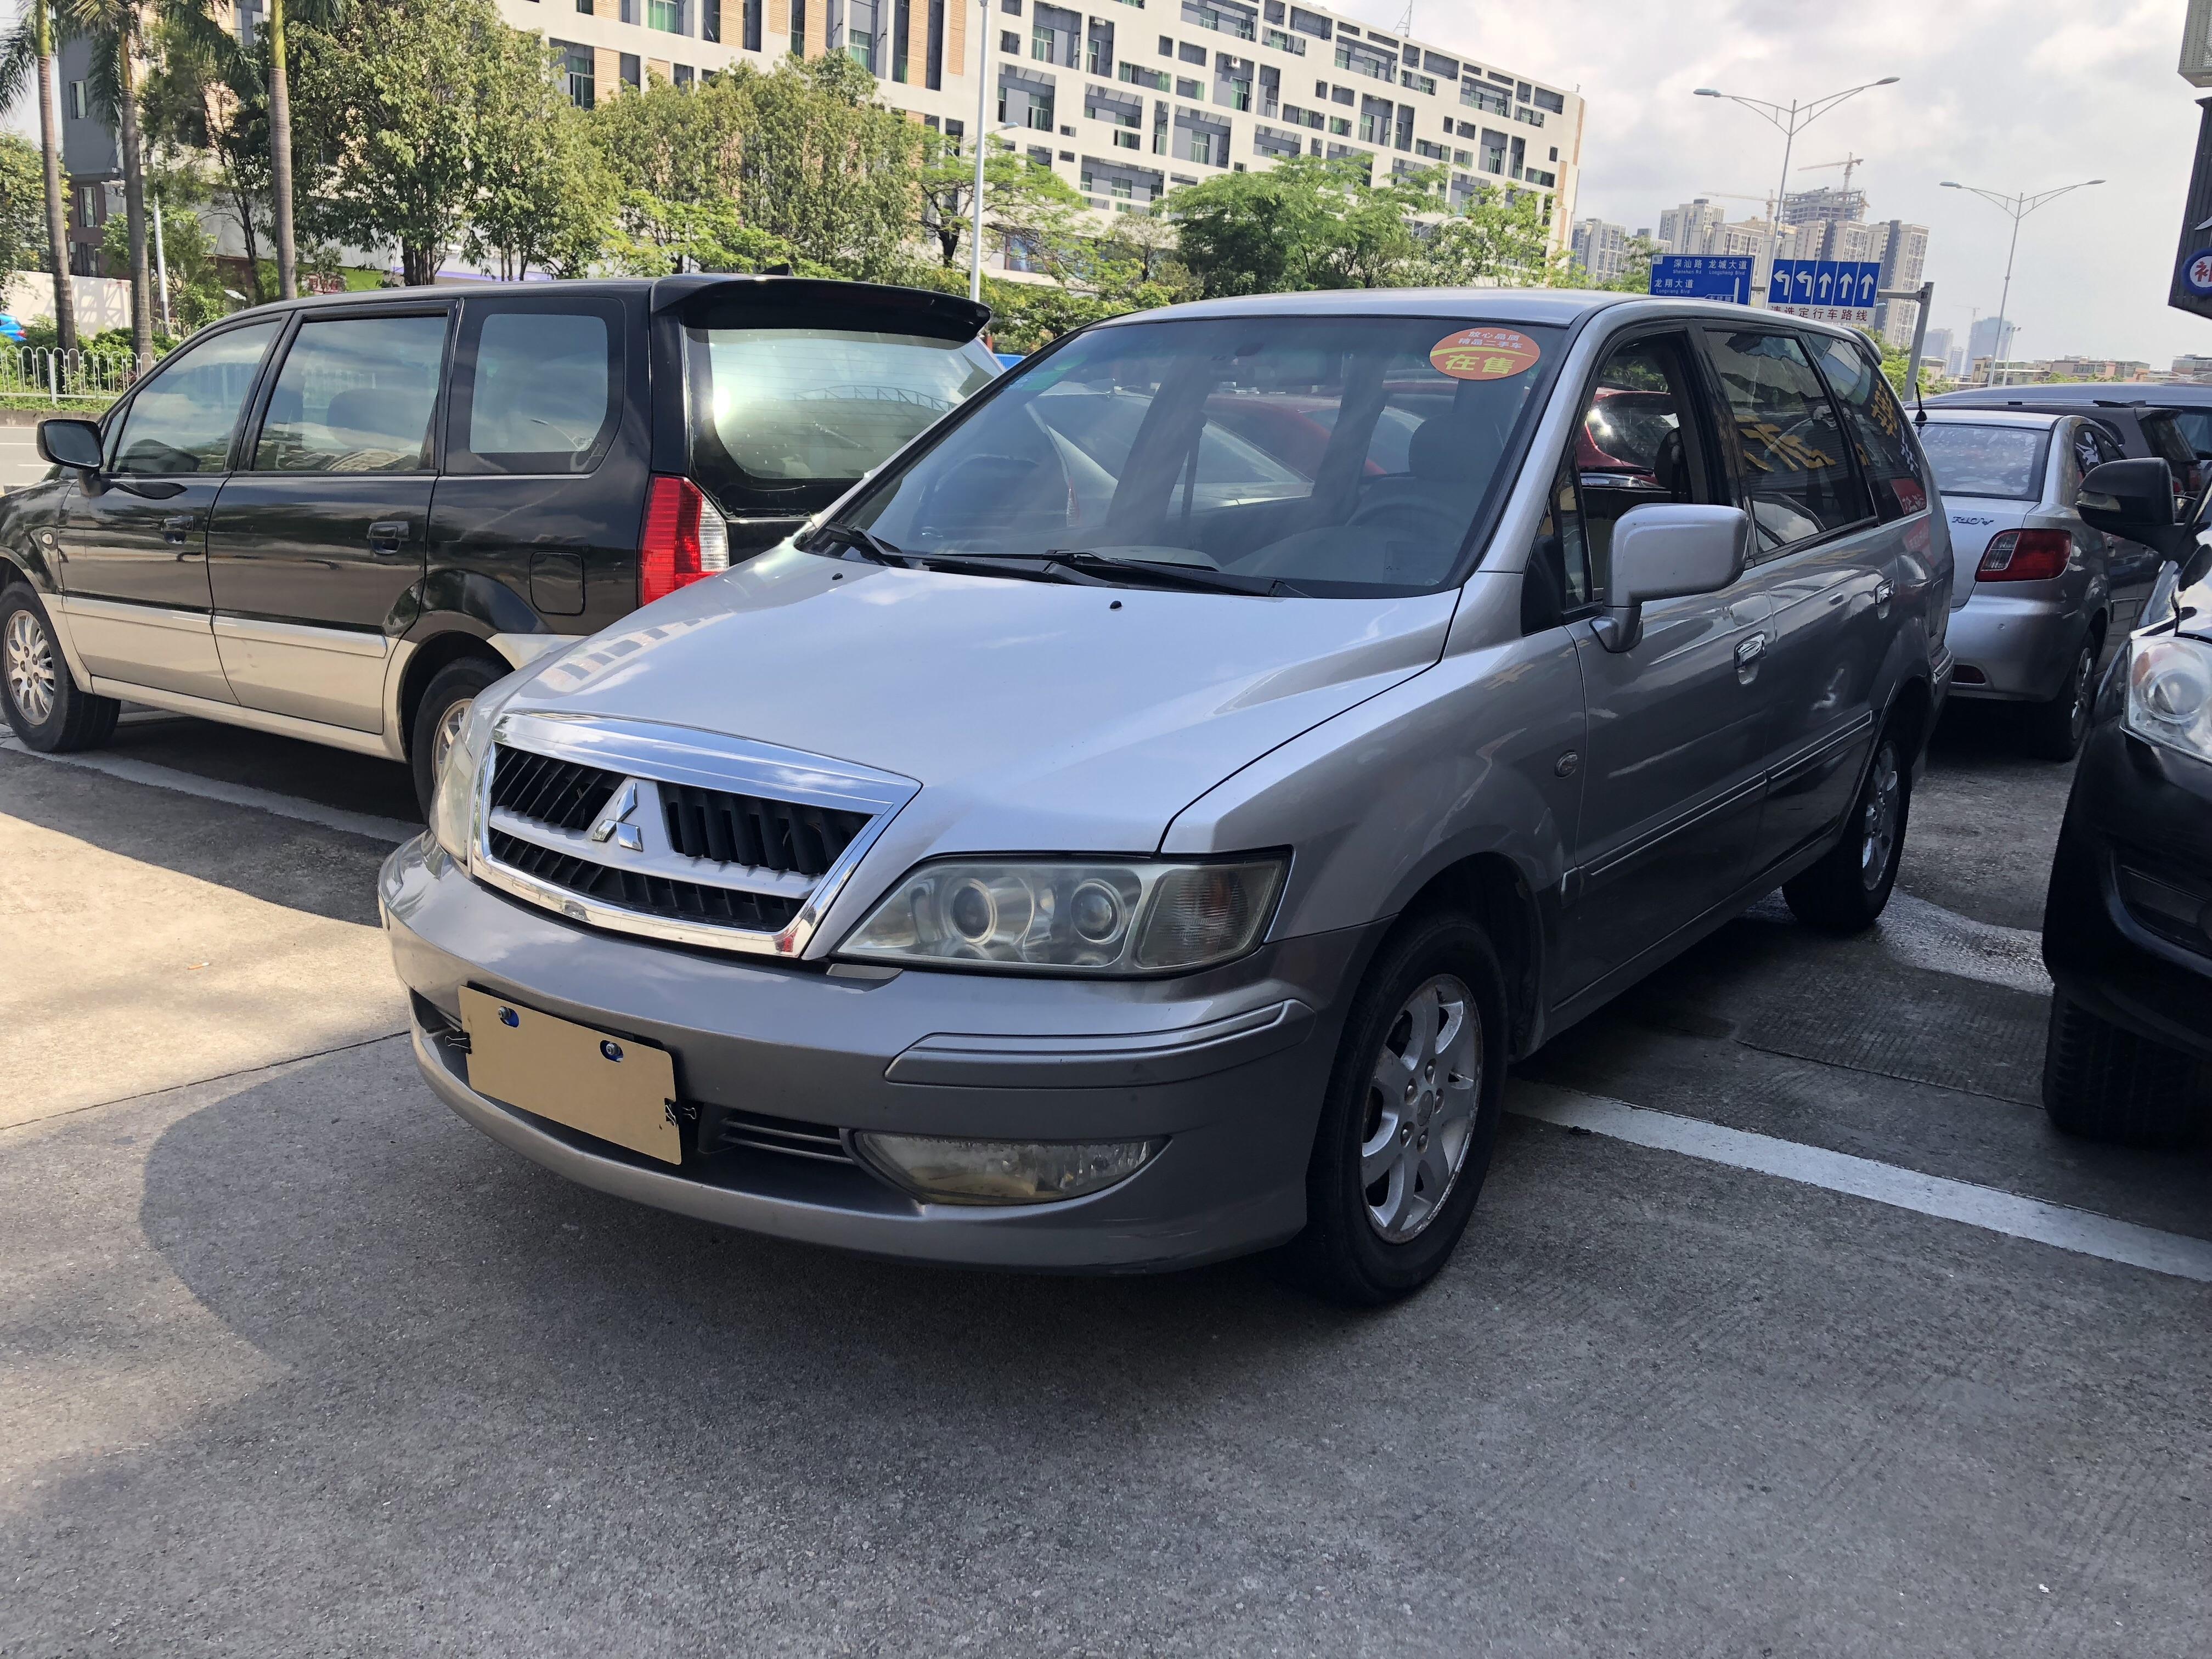 三菱菱绅 2005款 2.4L 自动尊贵型